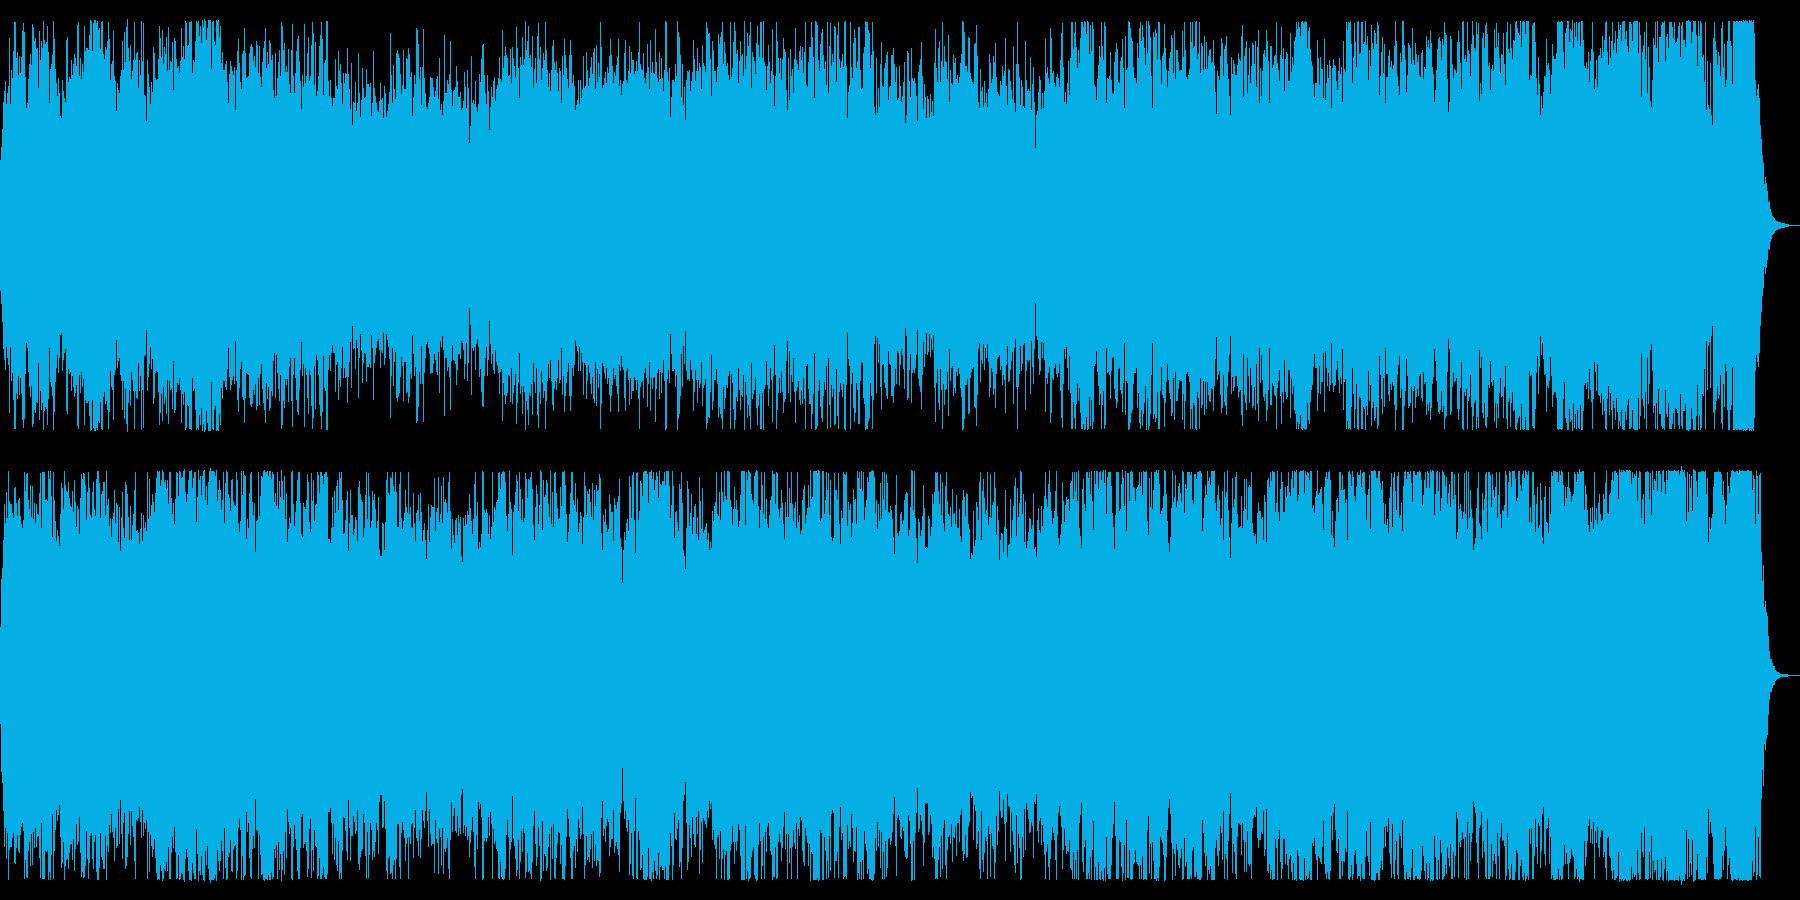 戦地へ向かう勇敢なイメージのオーケストラの再生済みの波形